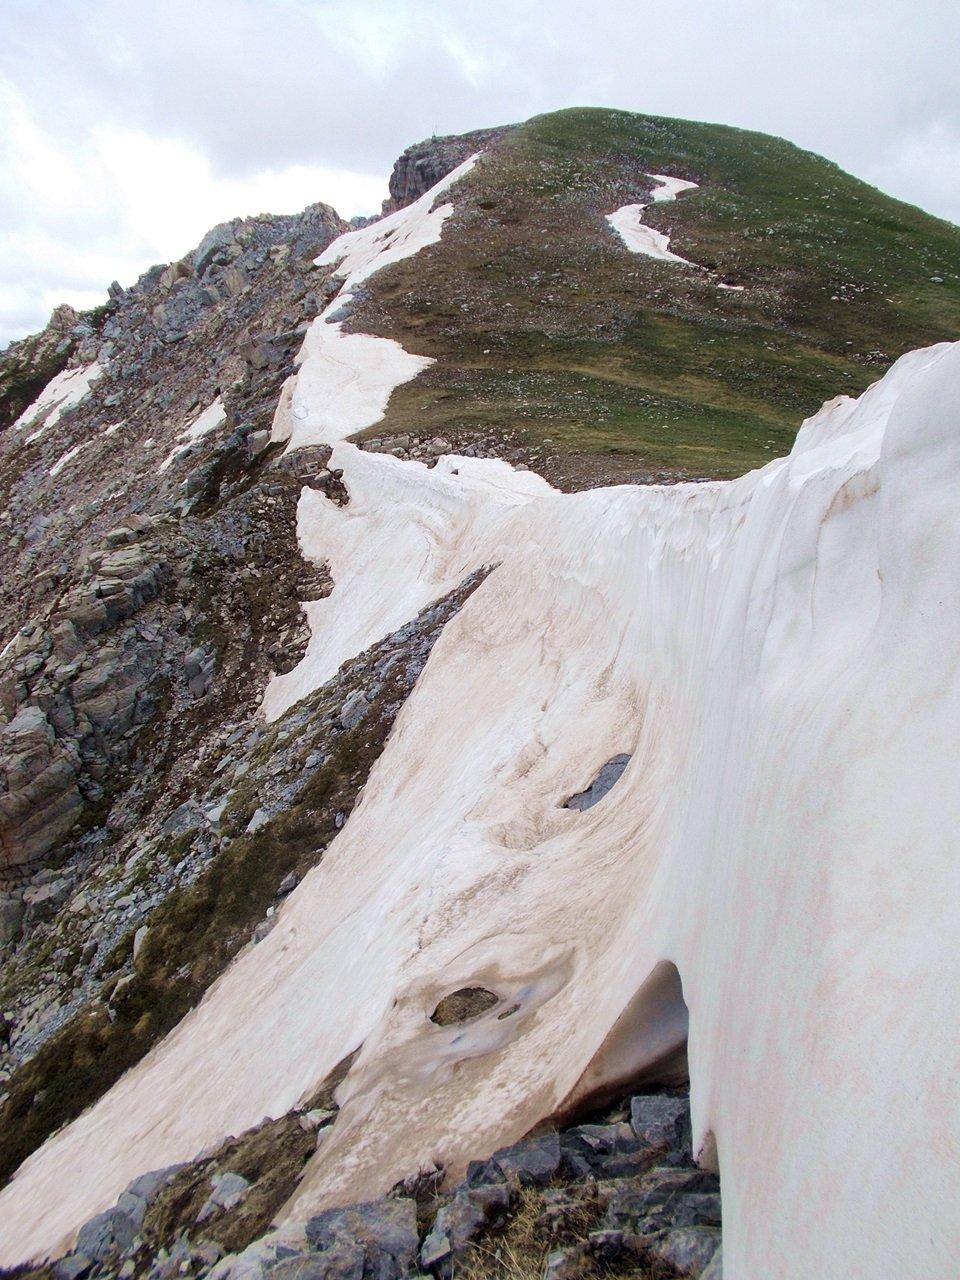 ultime cornici di neve sul versante nord